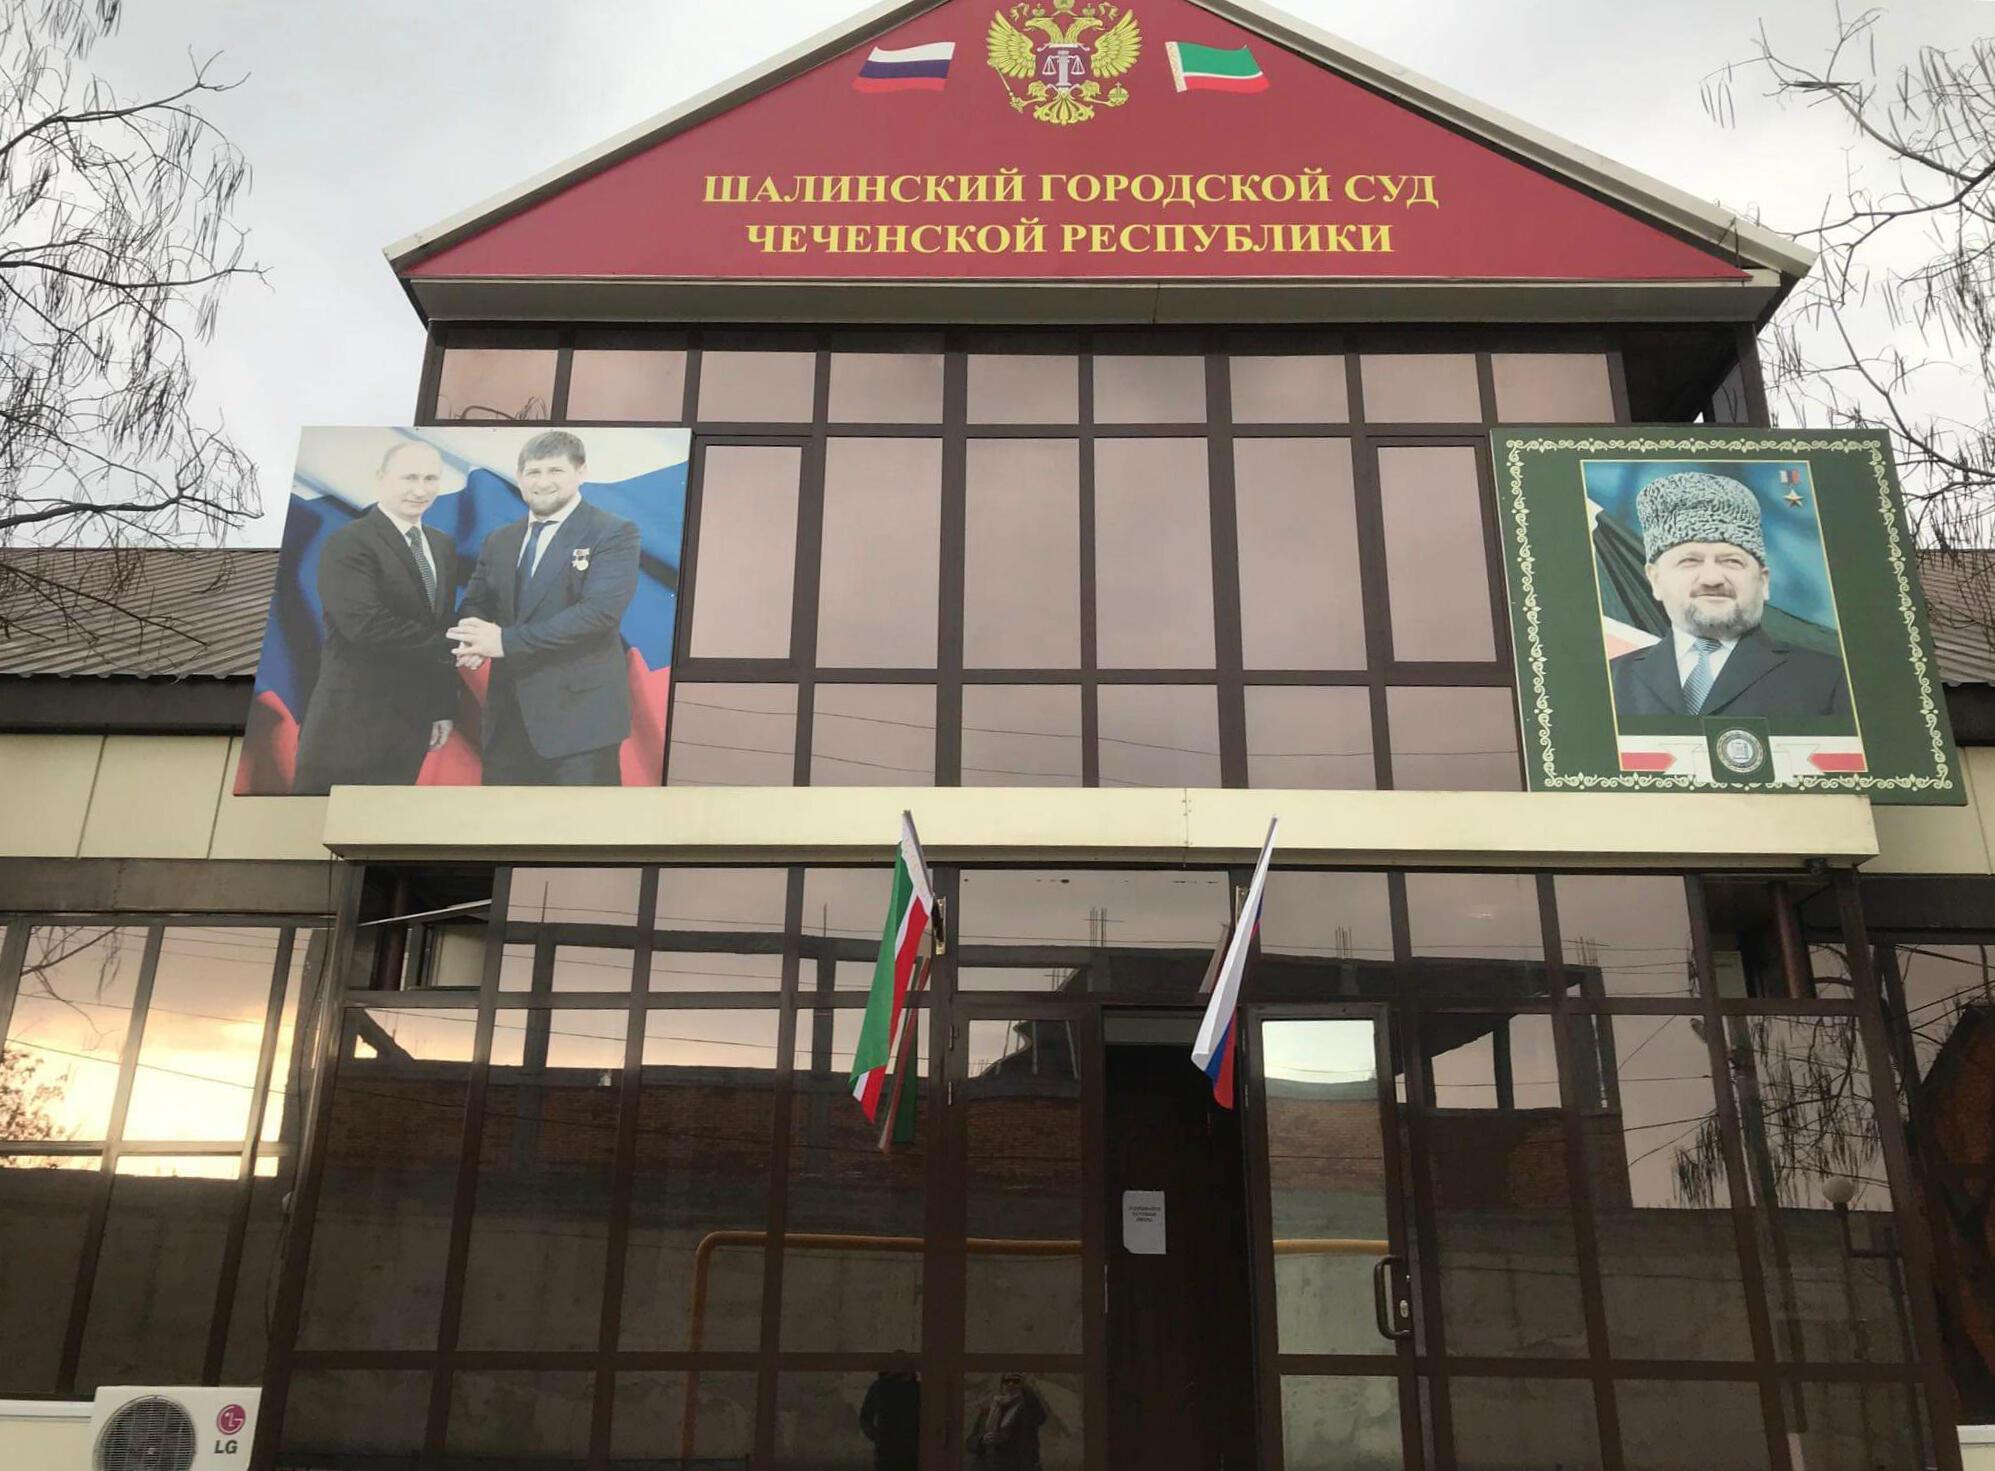 Шалинский городской суд, 11 марта 2019